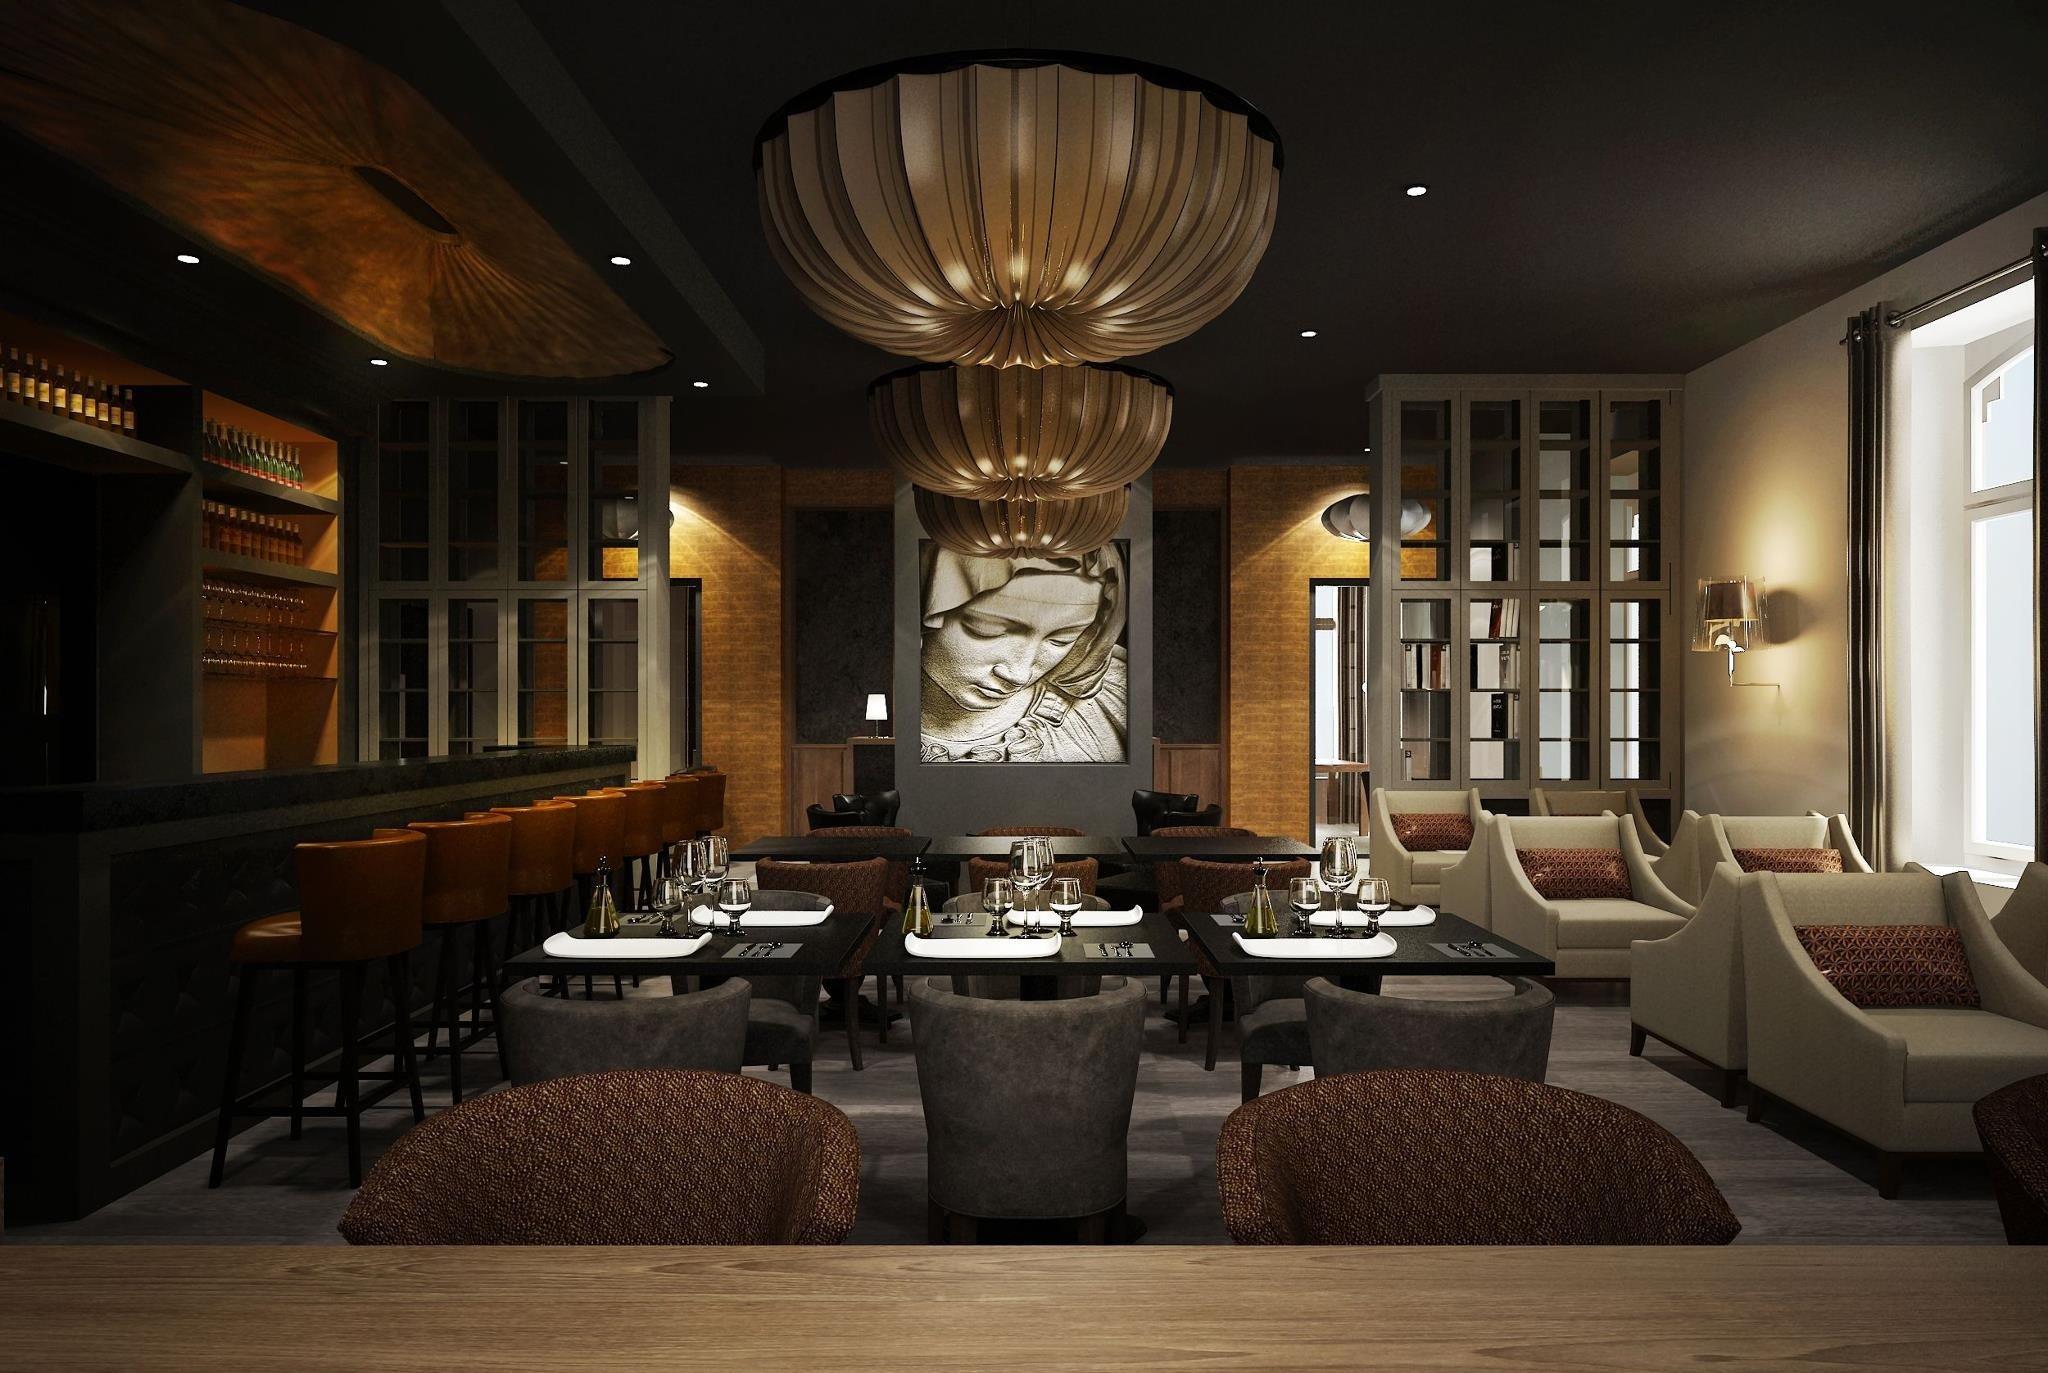 Dagaanbieding - 2 of 3 dagen top beoordeeld 4*-Kloosterhotel in Limburg incl. diner en upgrade dagelijkse koopjes